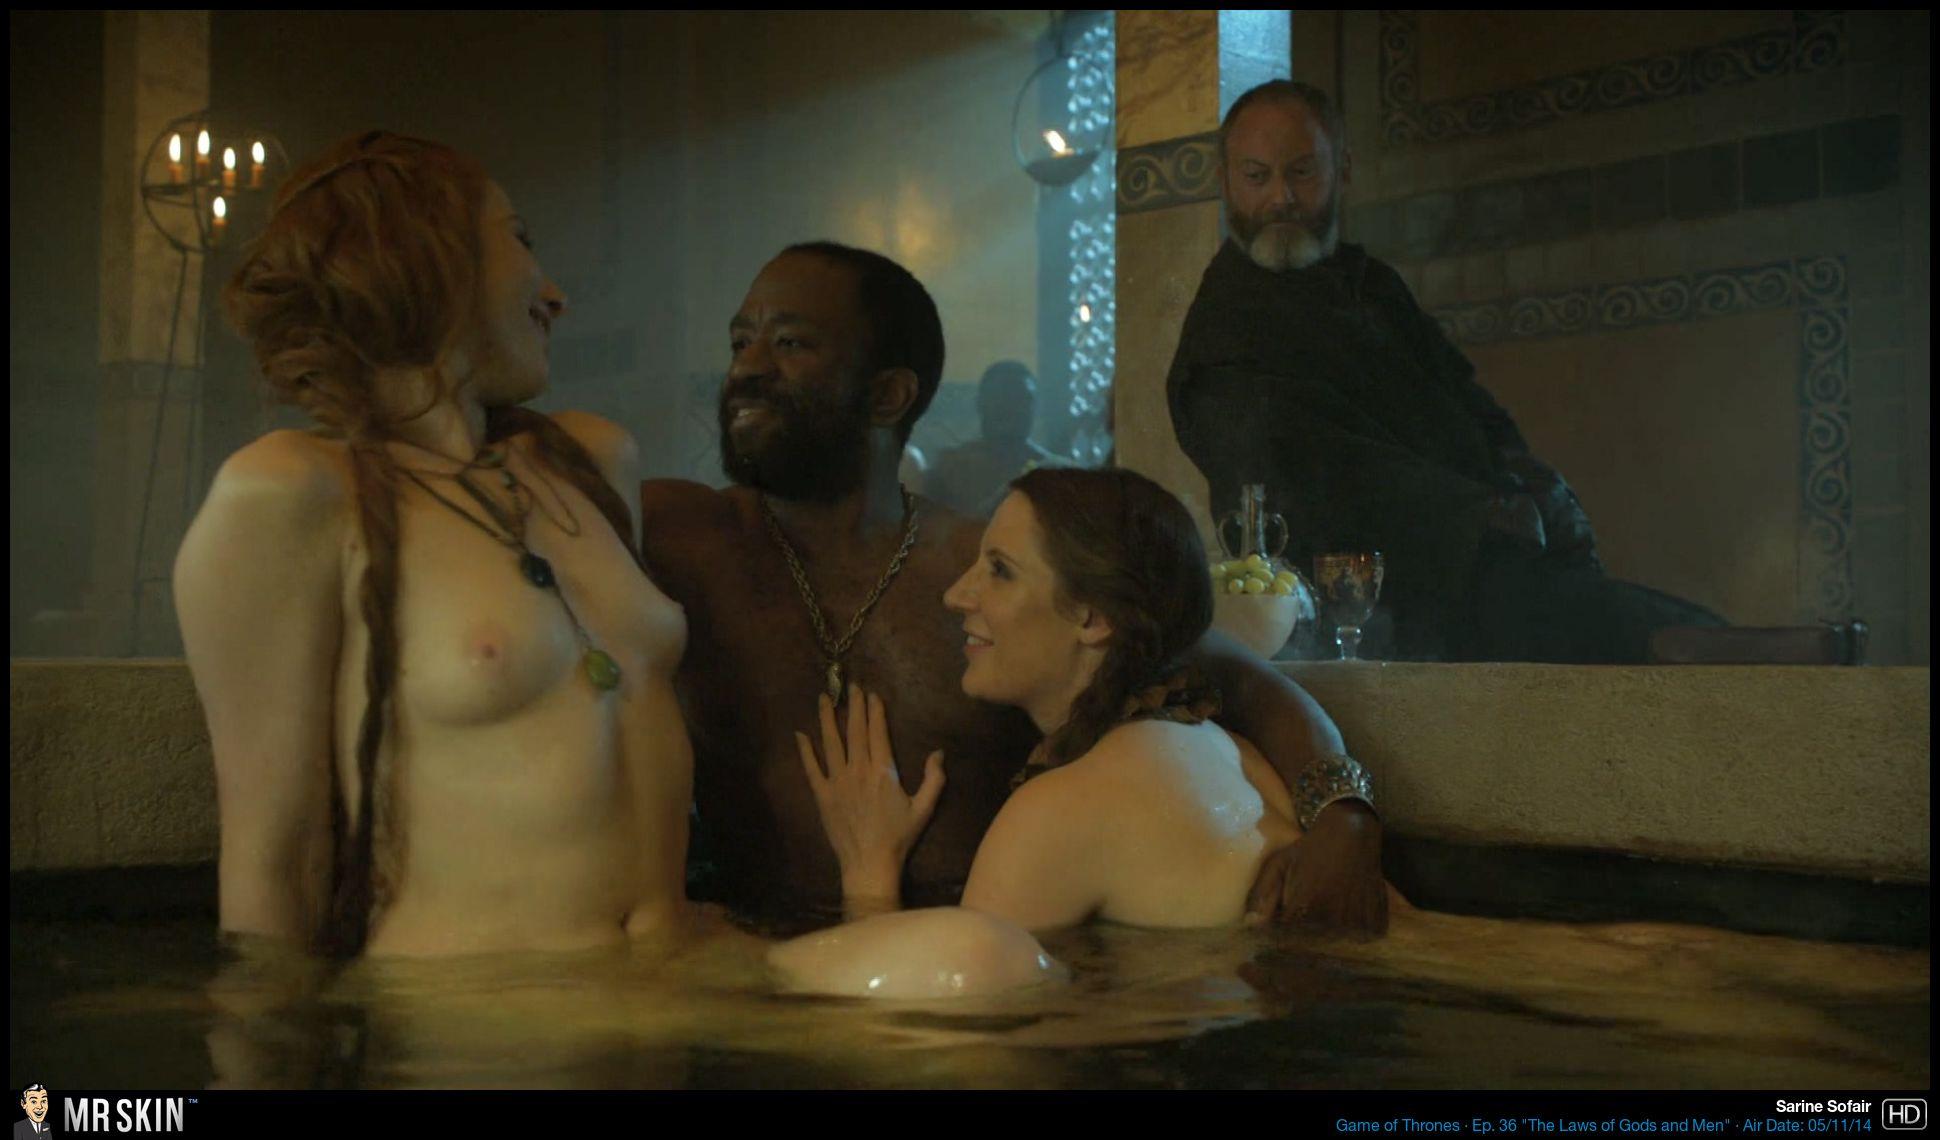 prostitutas desnudandose juego de tronos prostitutas